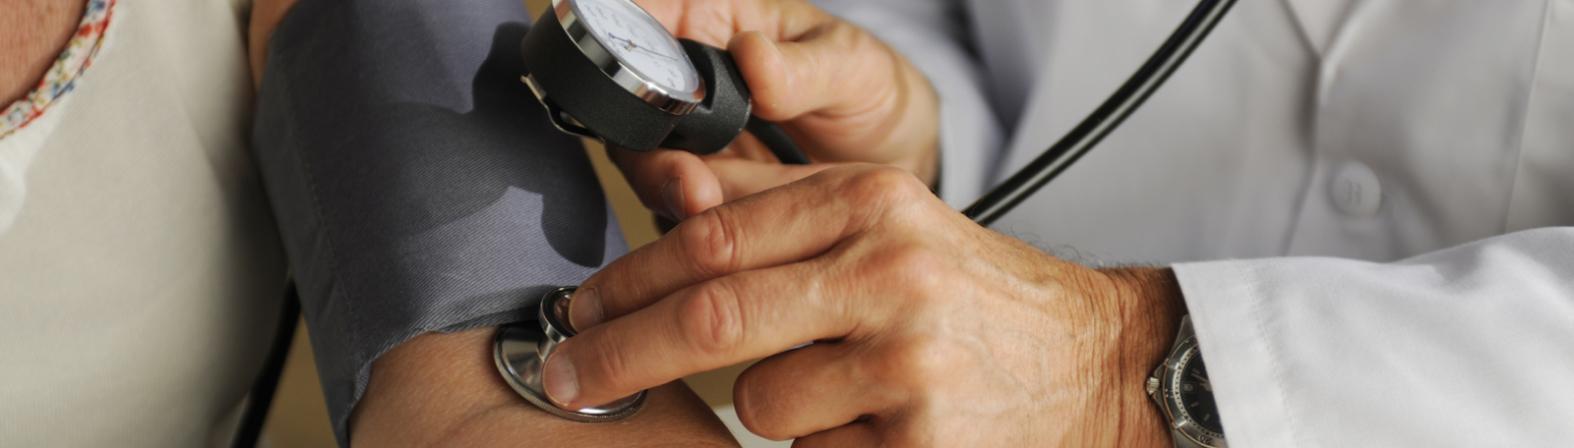 Hausarzt Untersuchung Blutdruck